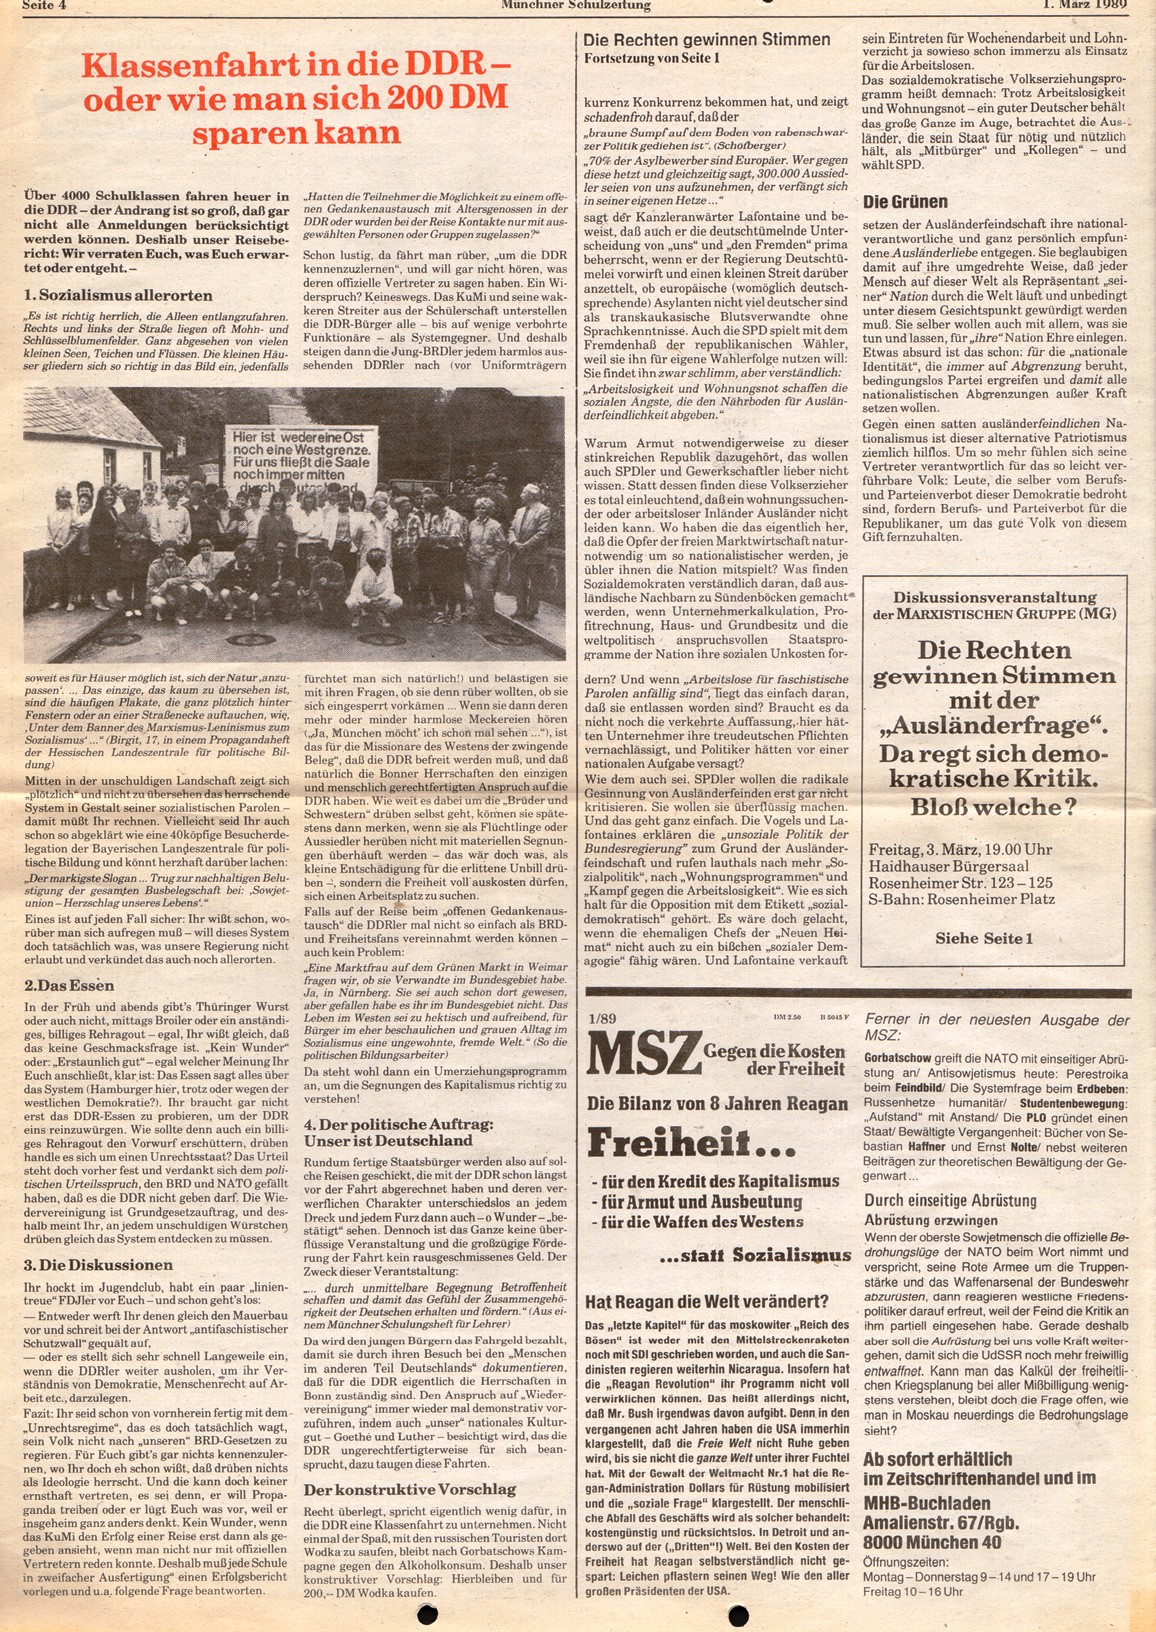 Muenchen_MG_Schulzeitung_19890301_04